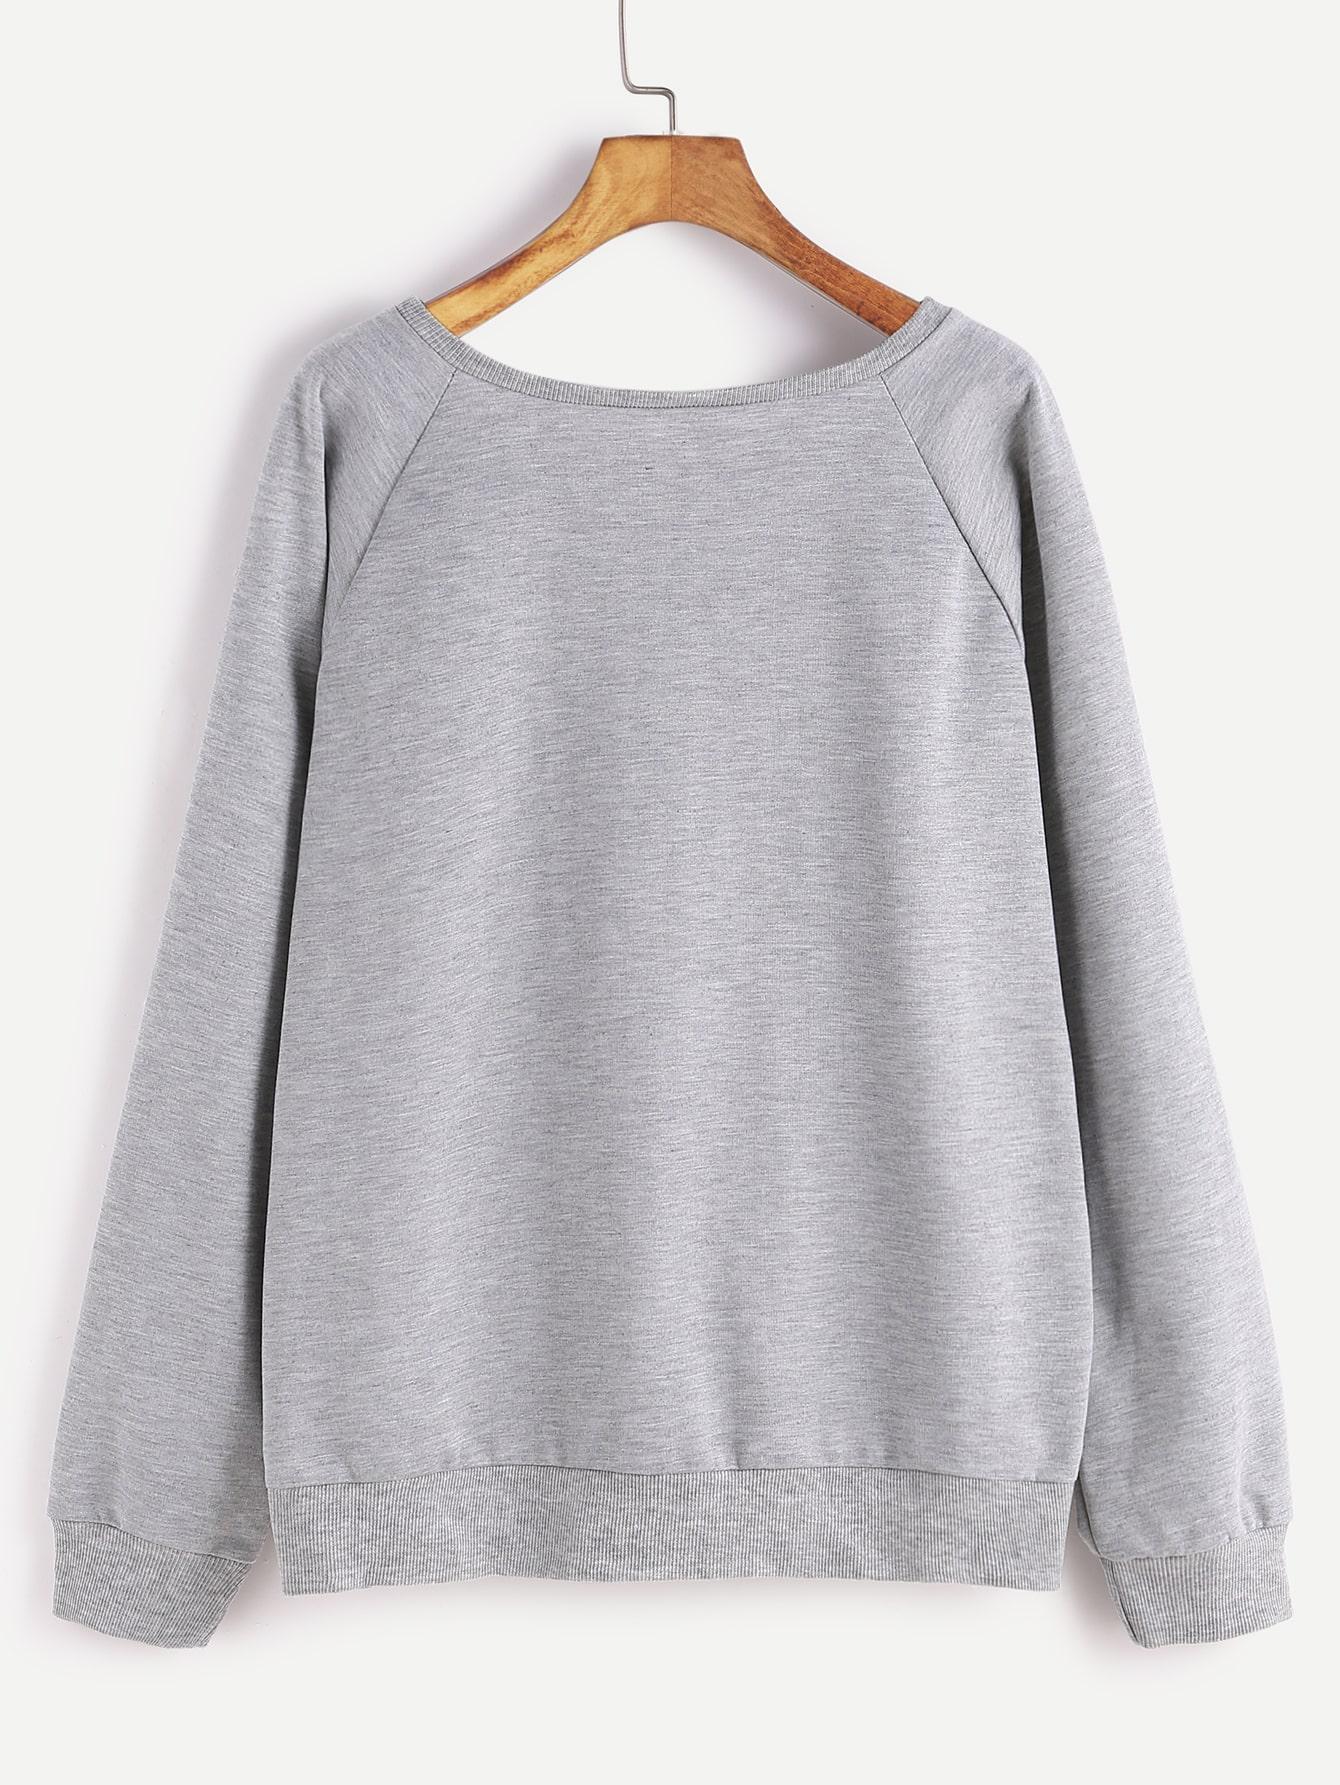 sweatershirt161124107_2